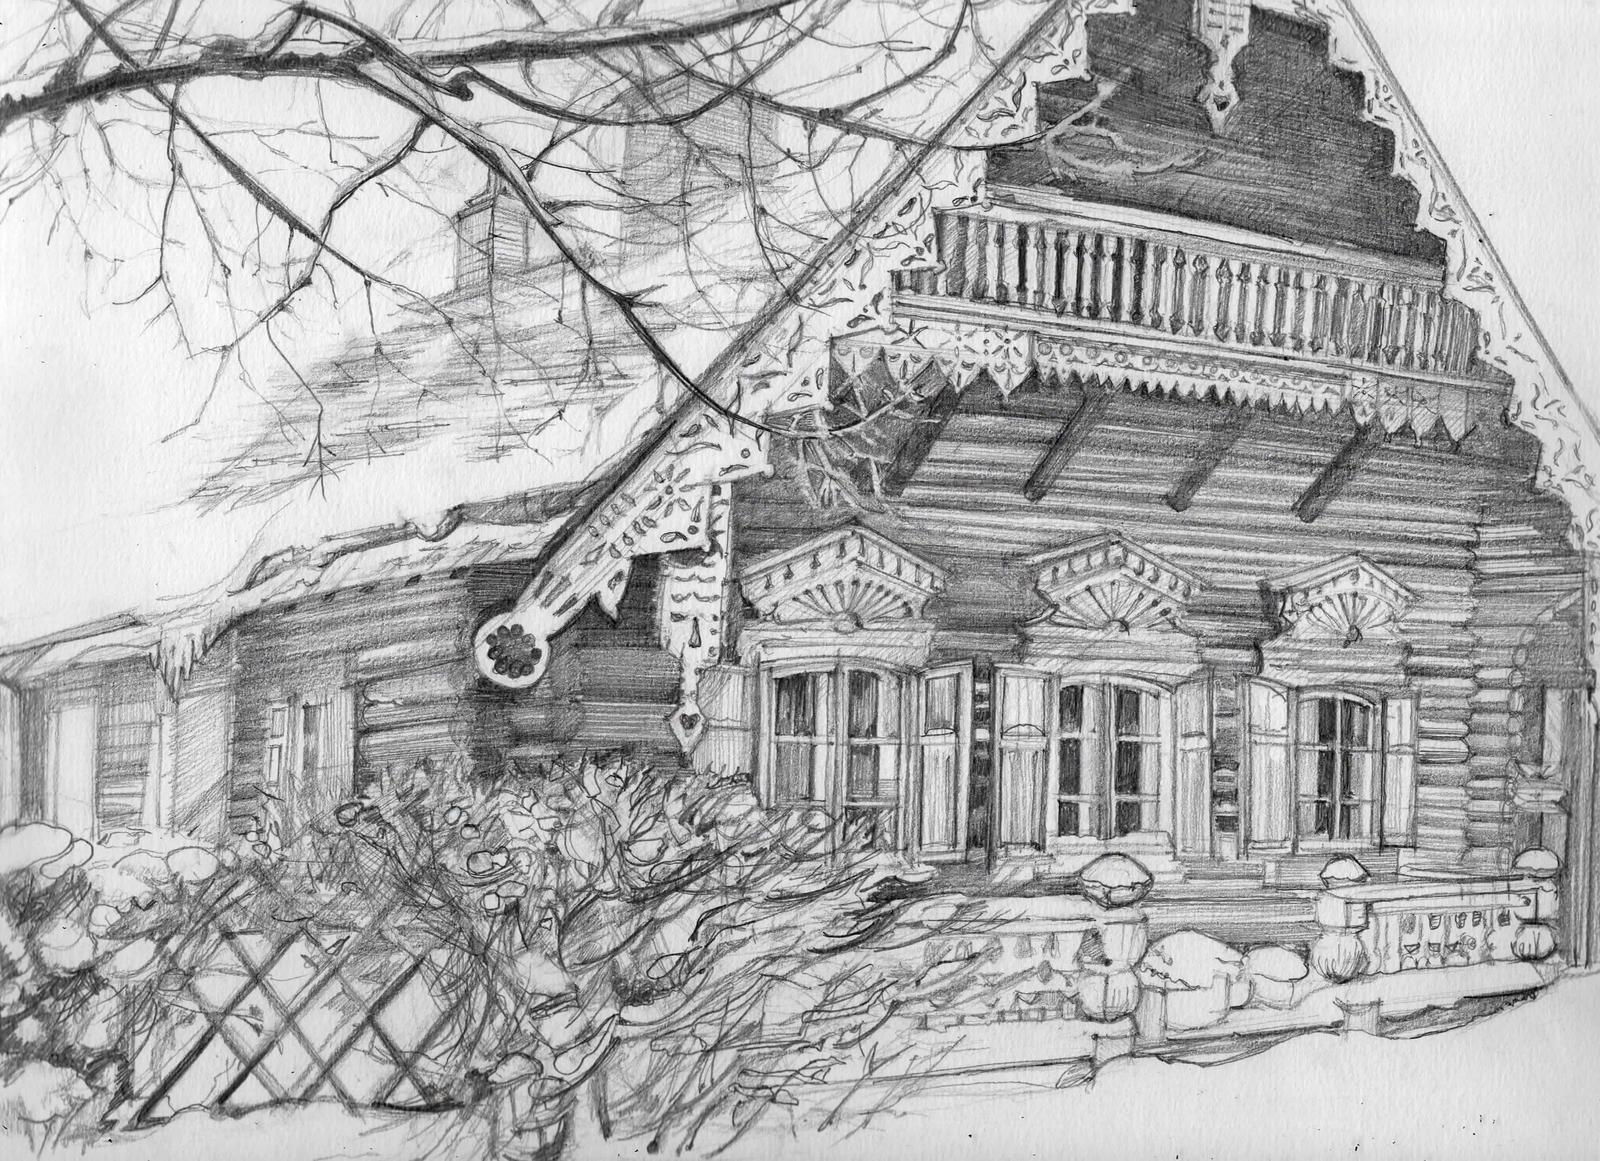 рисунок деревенский домик с узорами прославилась благодаря своей